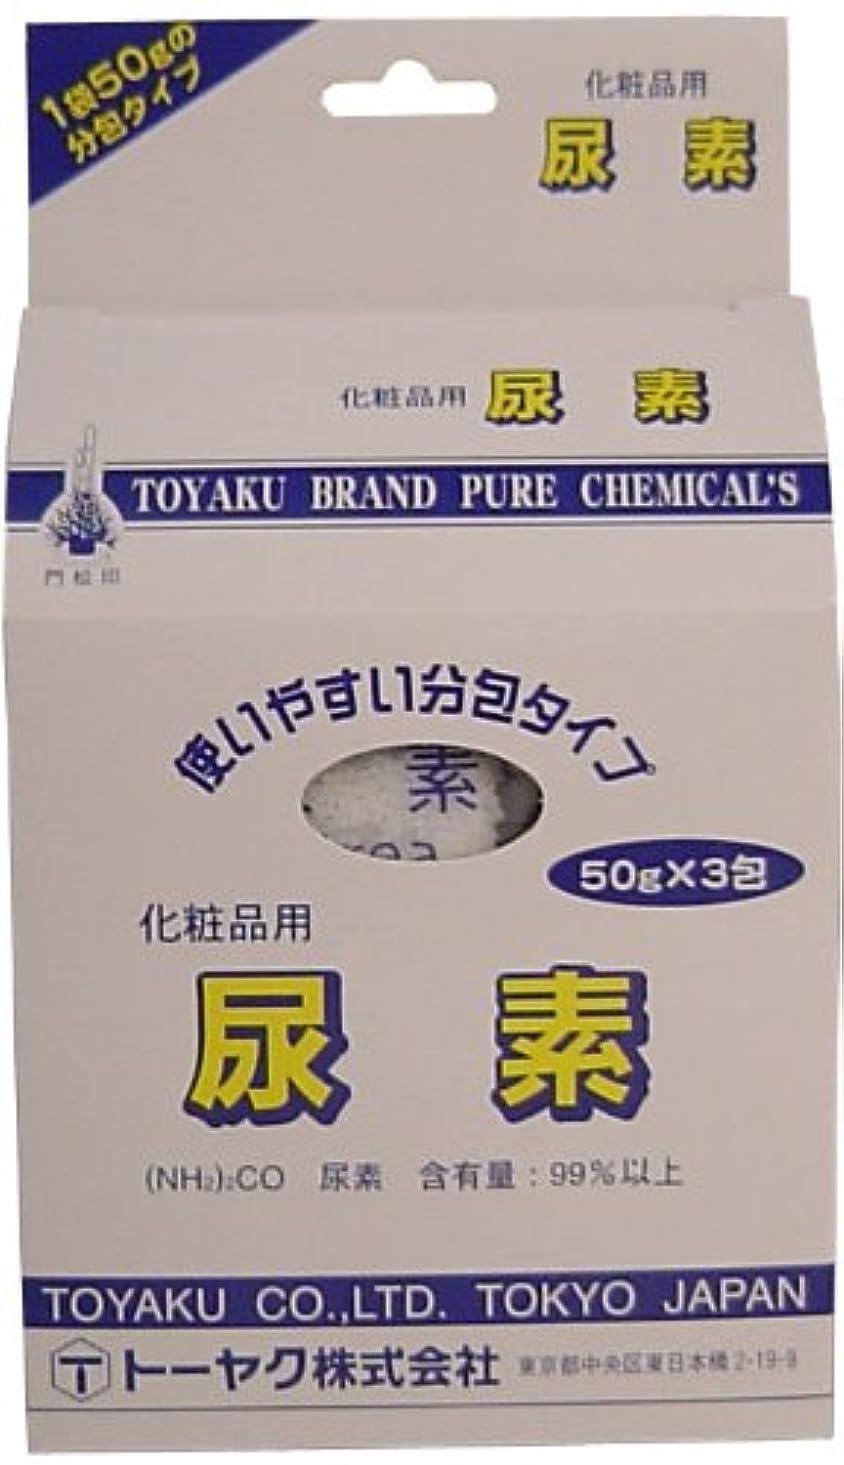 刺すマニュアルしないでください化粧品用尿素分包タイプ 50g x3包【2個セット】